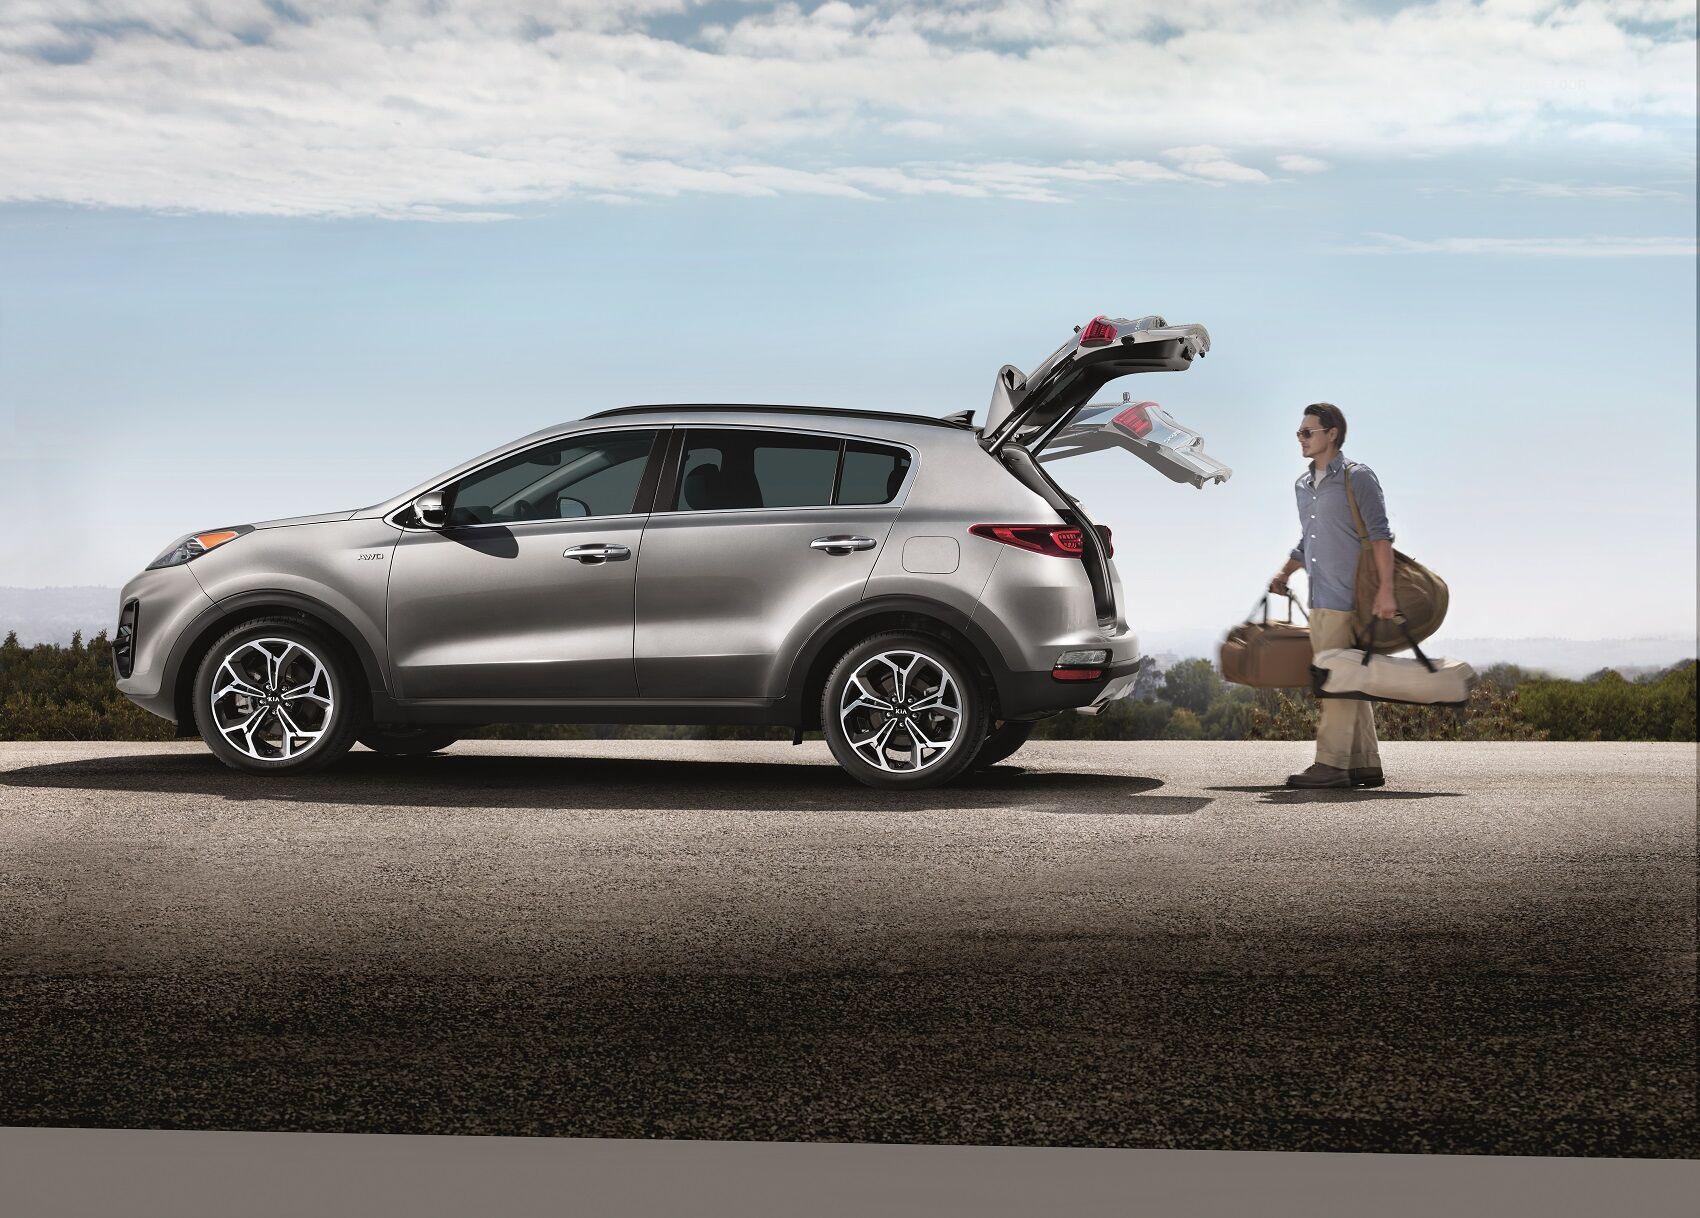 2020 Kia Sportage Safety Features